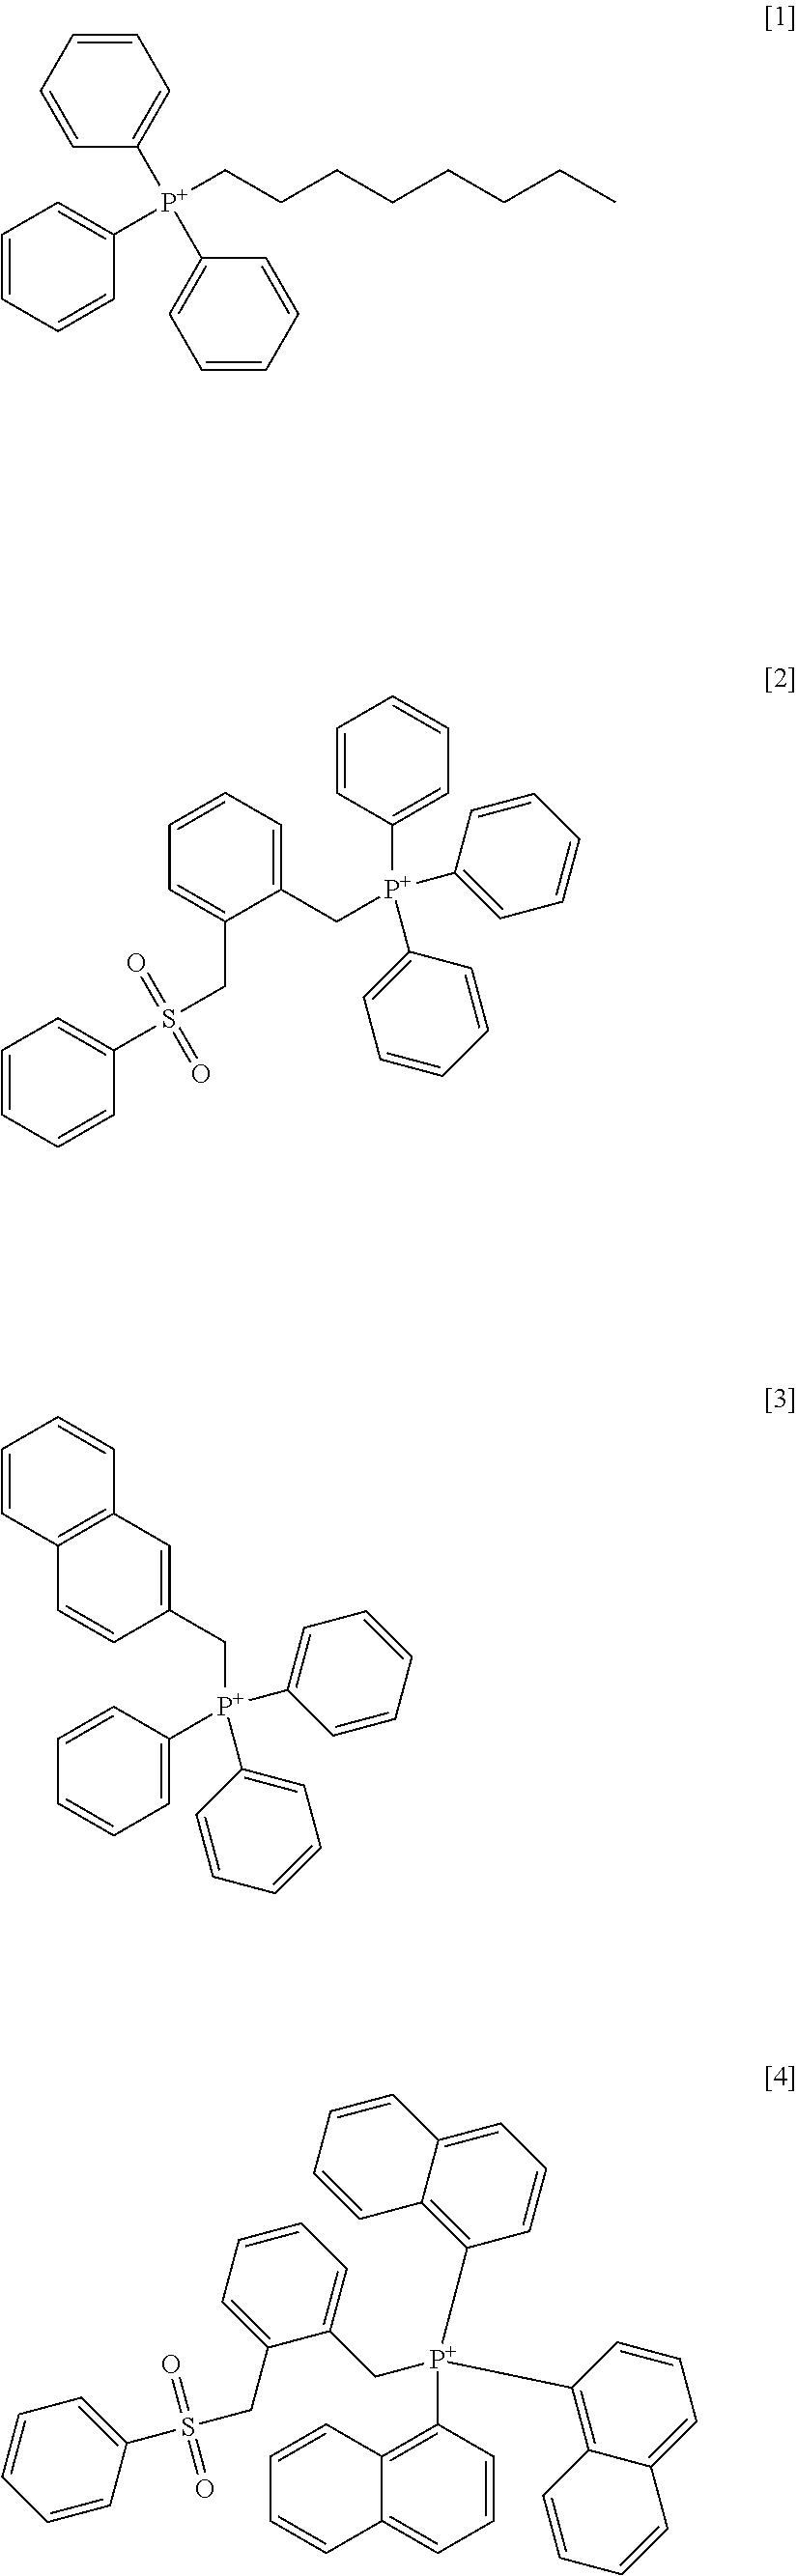 Figure US20130128333A1-20130523-C00001